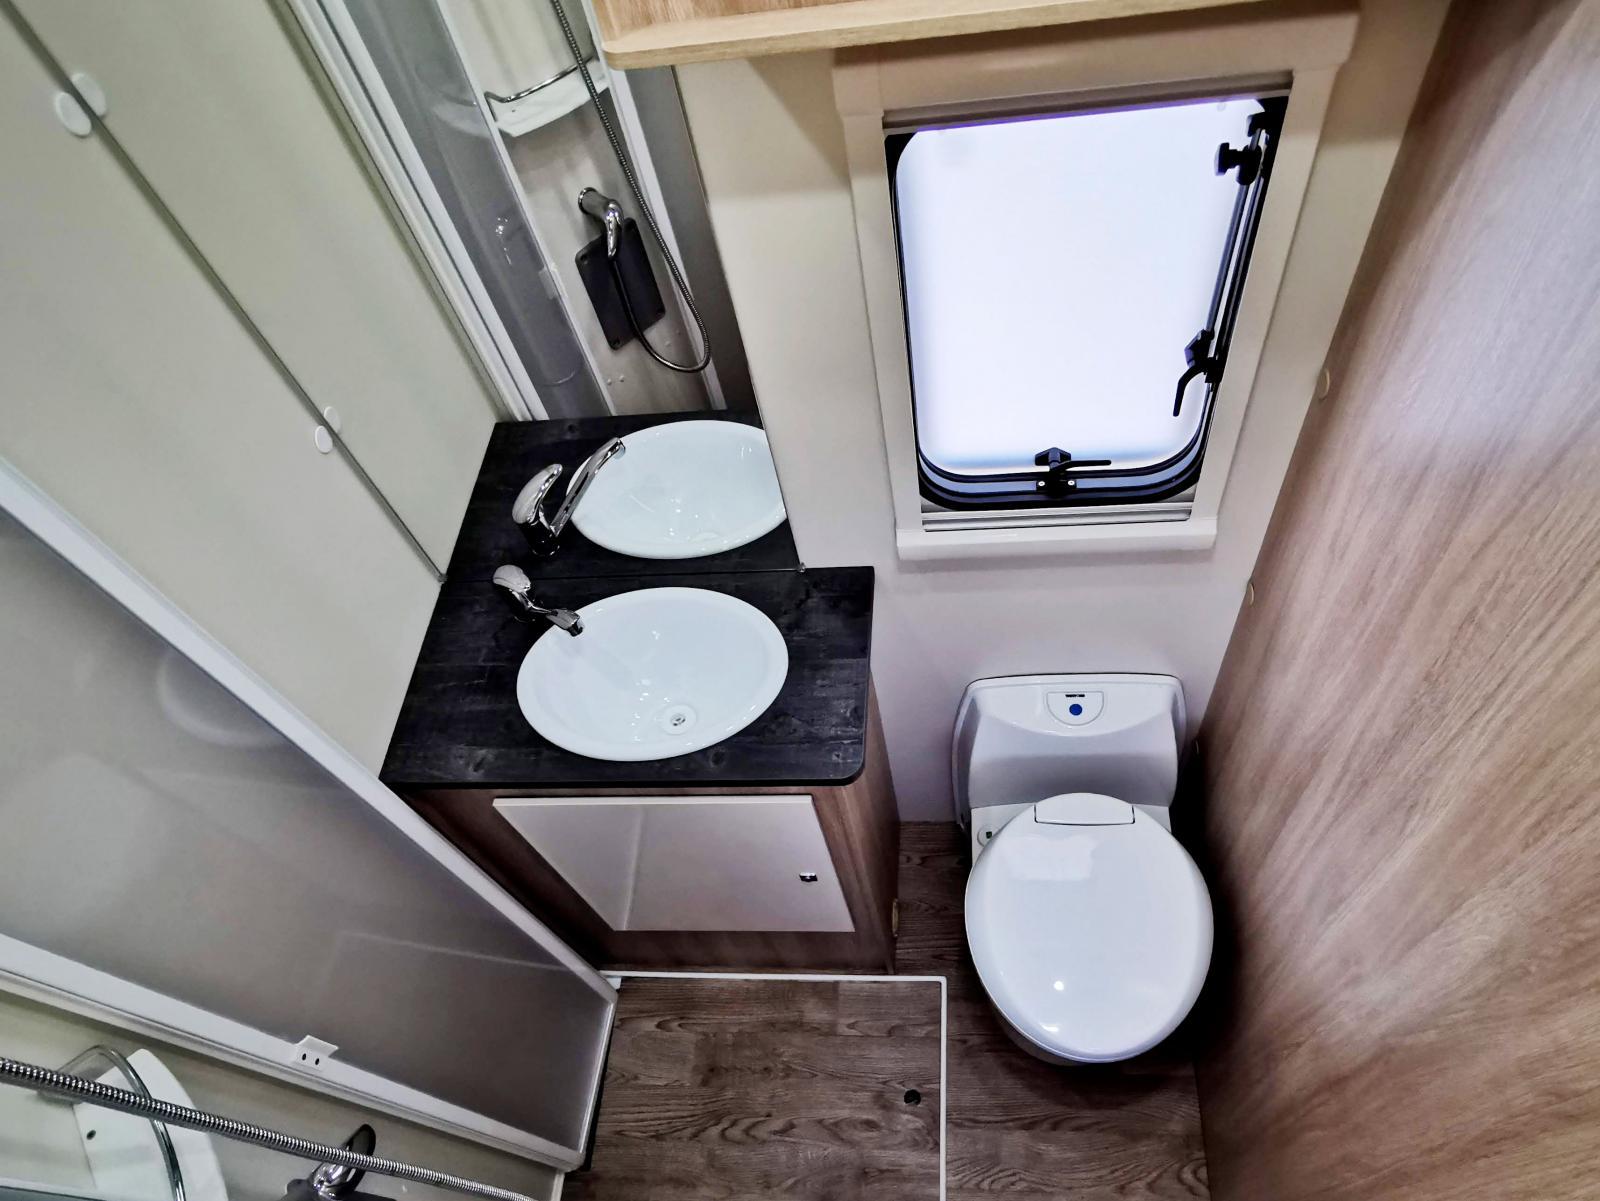 Hygienutrymmet är kompakt och bra utformat. Gäller bara att hålla träskivan i duschen ren och torr. Kommoden har bra bänkyta.